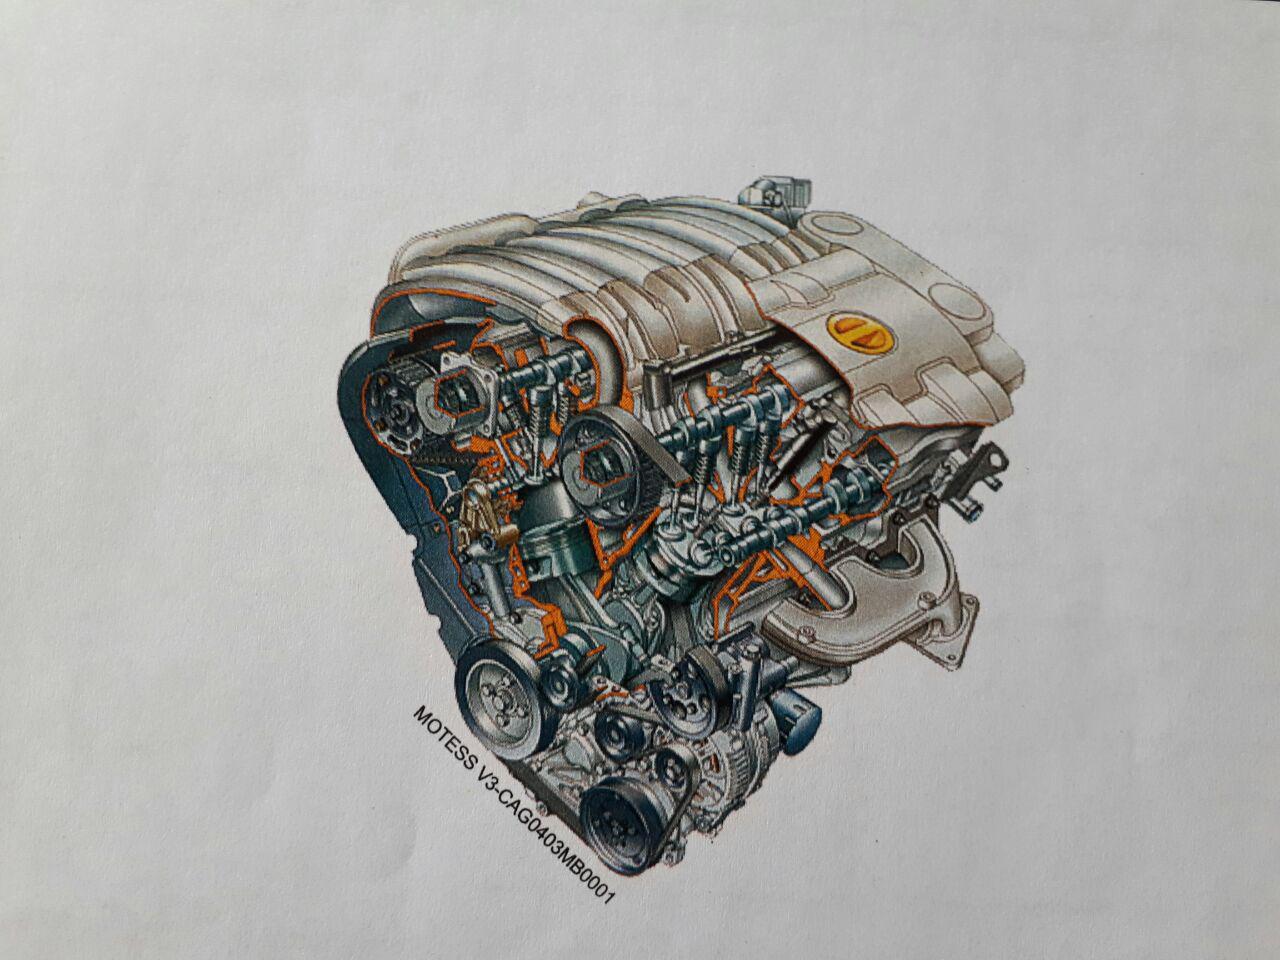 هدف استفاده از کنترل یونیت موتور